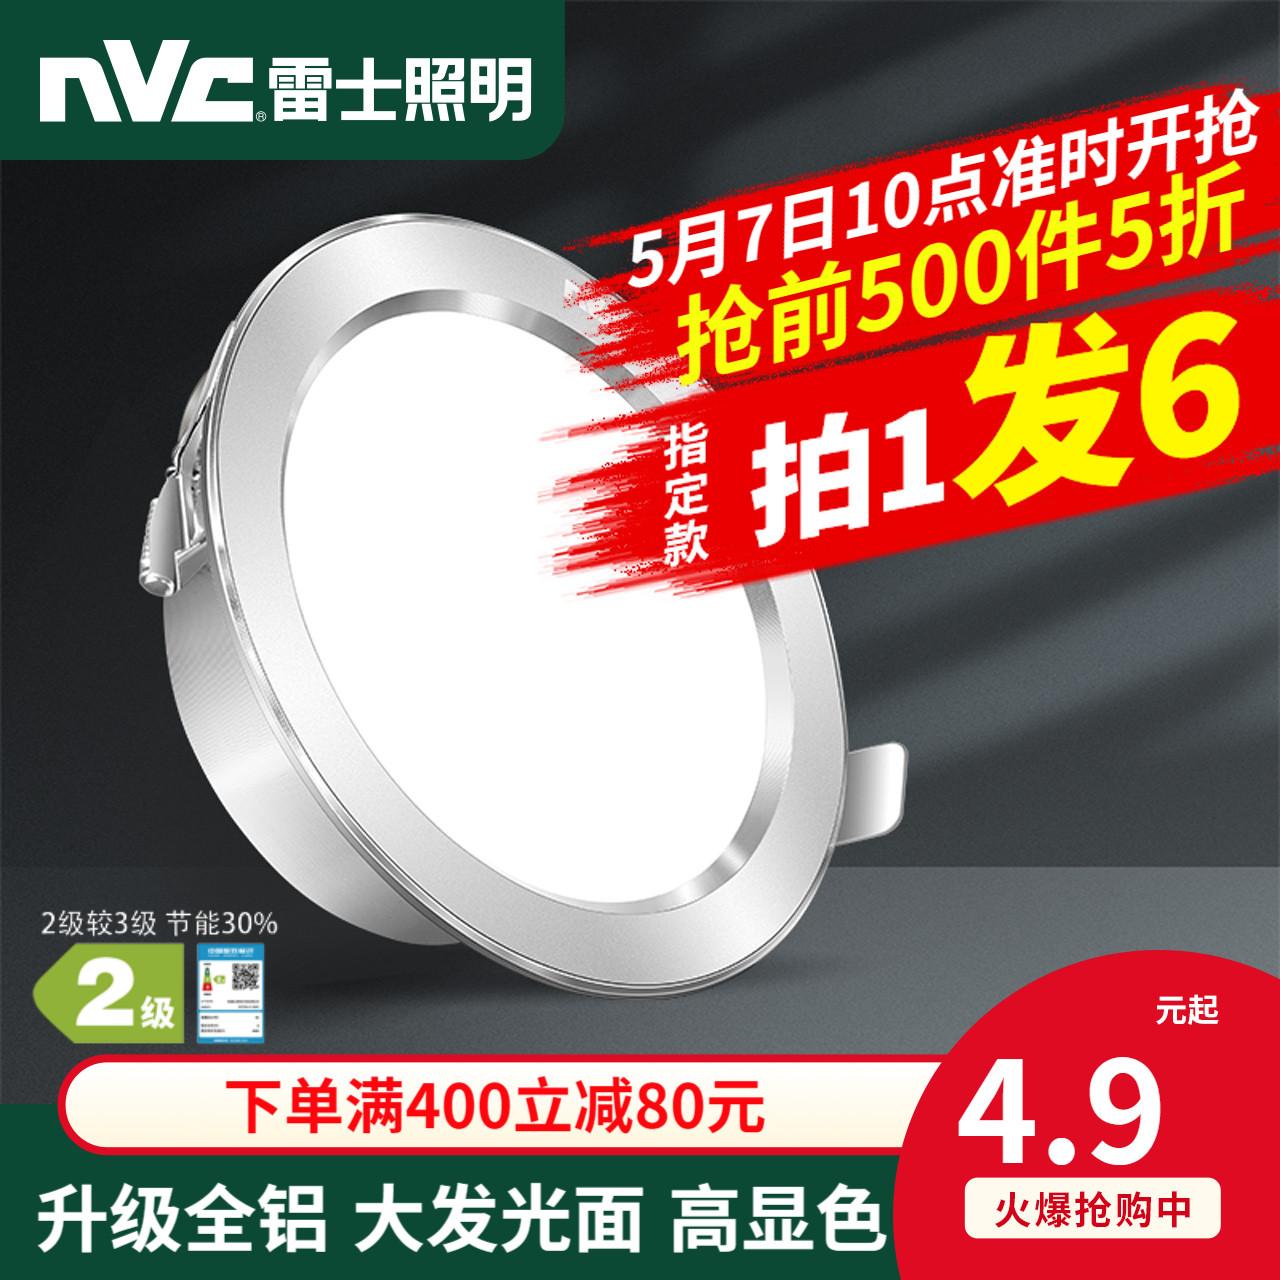 雷士照明led筒燈洞燈客廳吊頂天花燈嵌入式桶燈過道射燈超薄筒燈